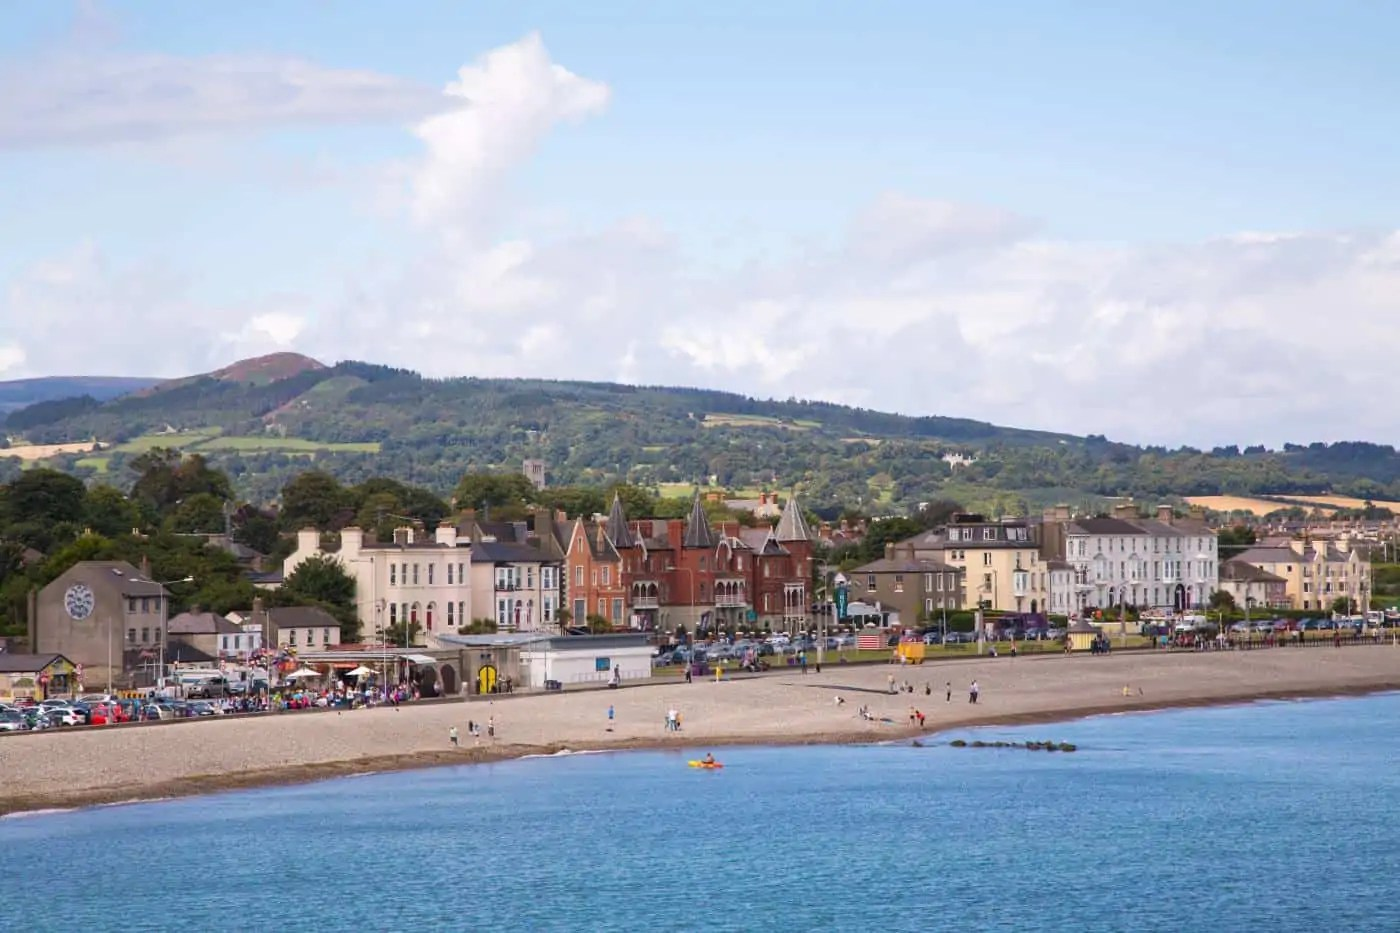 The coastal town of Bray